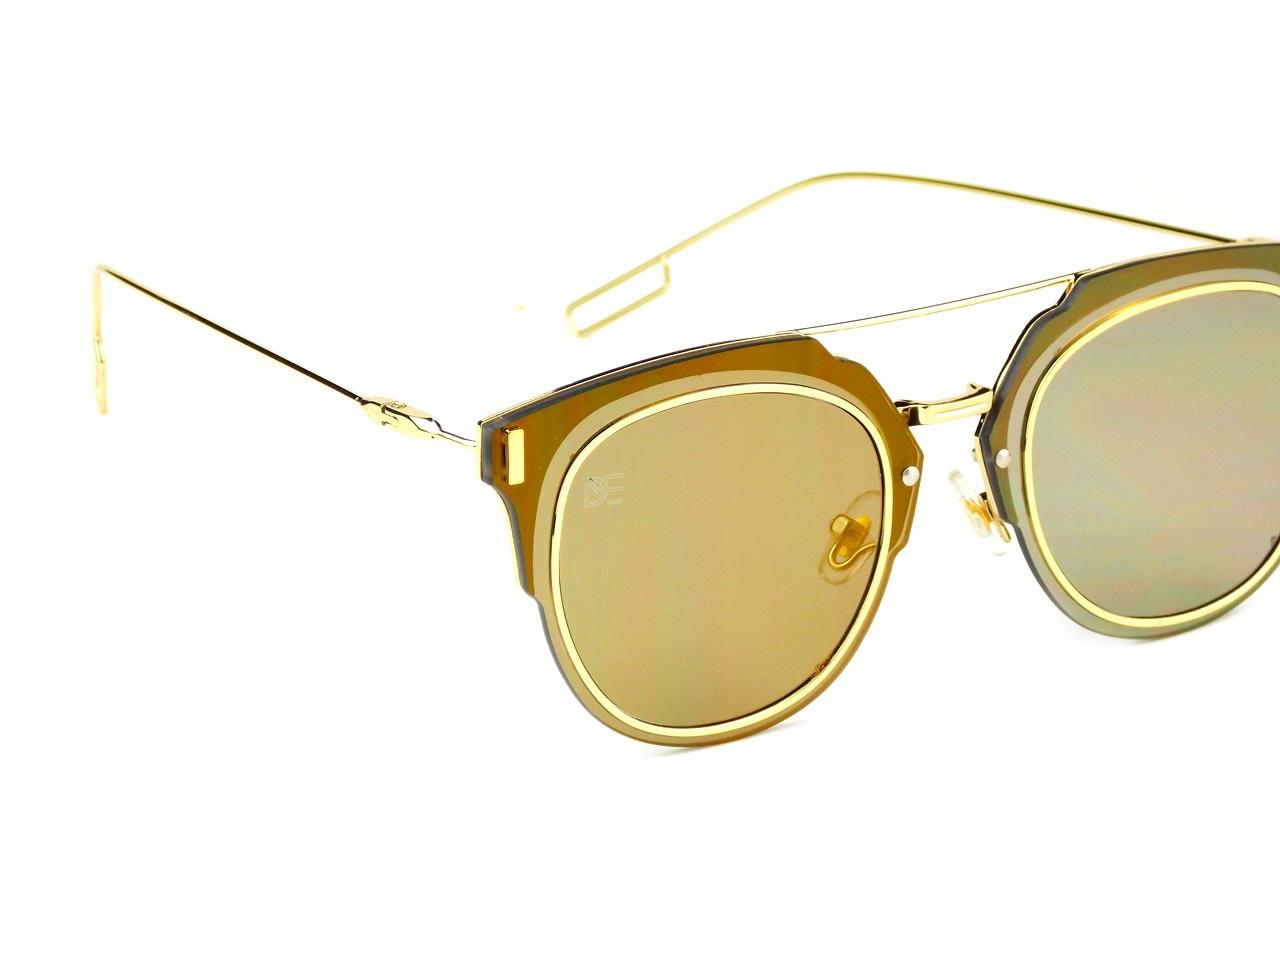 e71699732 Oculos de Sol Drop mE Clubmaster Flat Espelhado Dourado - Drop me acessorios  R$ 299,90 à vista. Adicionar à sacola